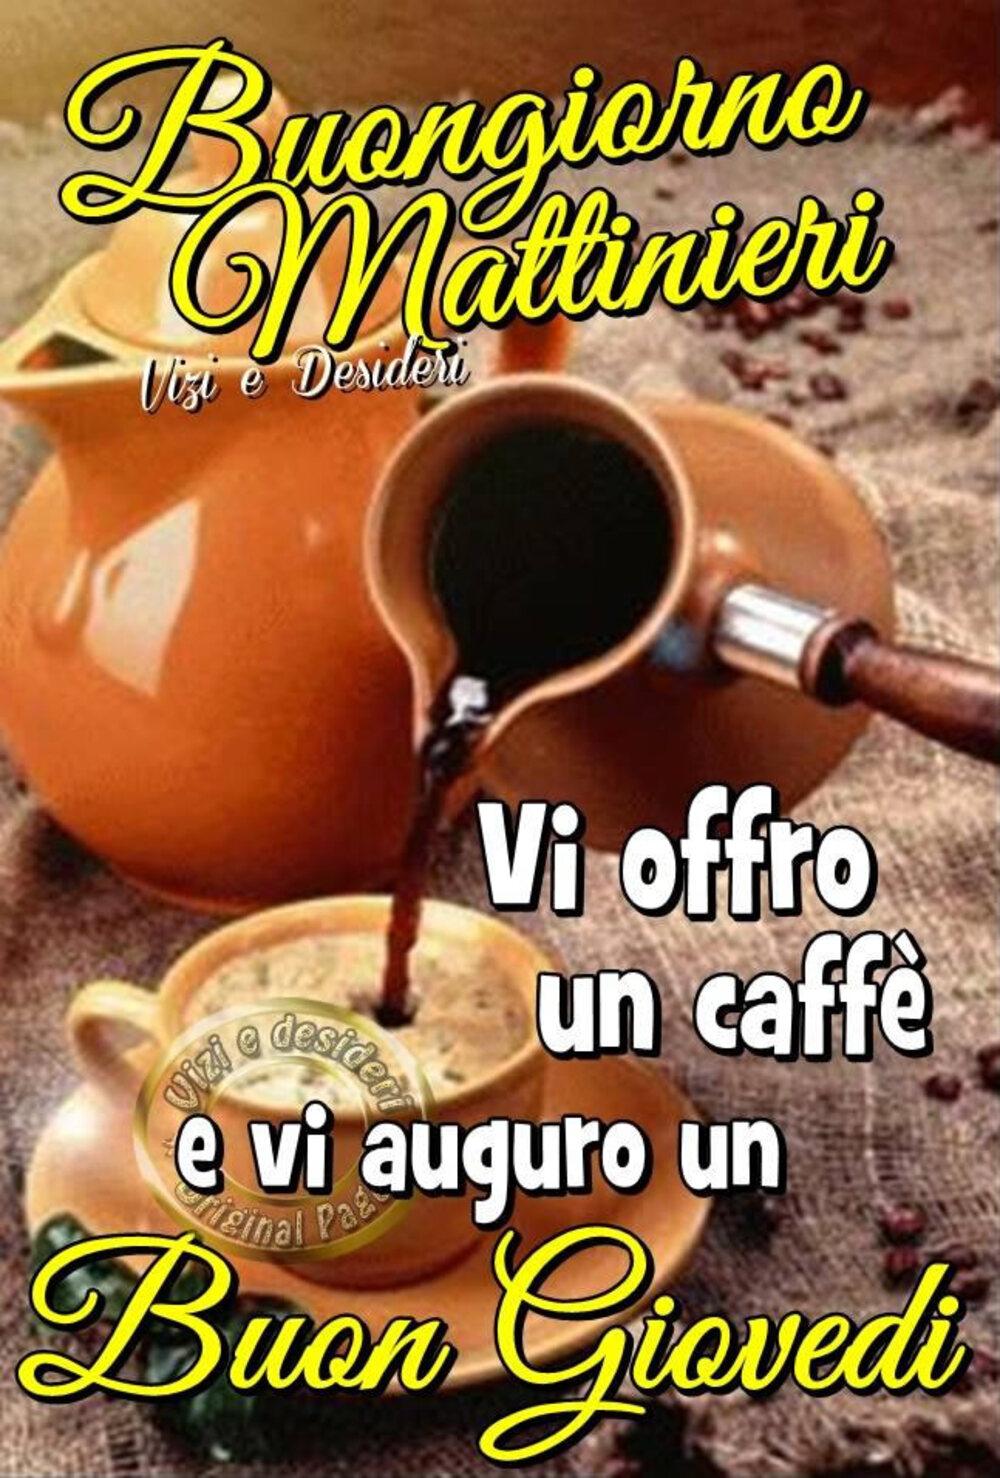 Buongiorno Mattinieri, vi offro un caffè e vi auguro un Buon Giovedì